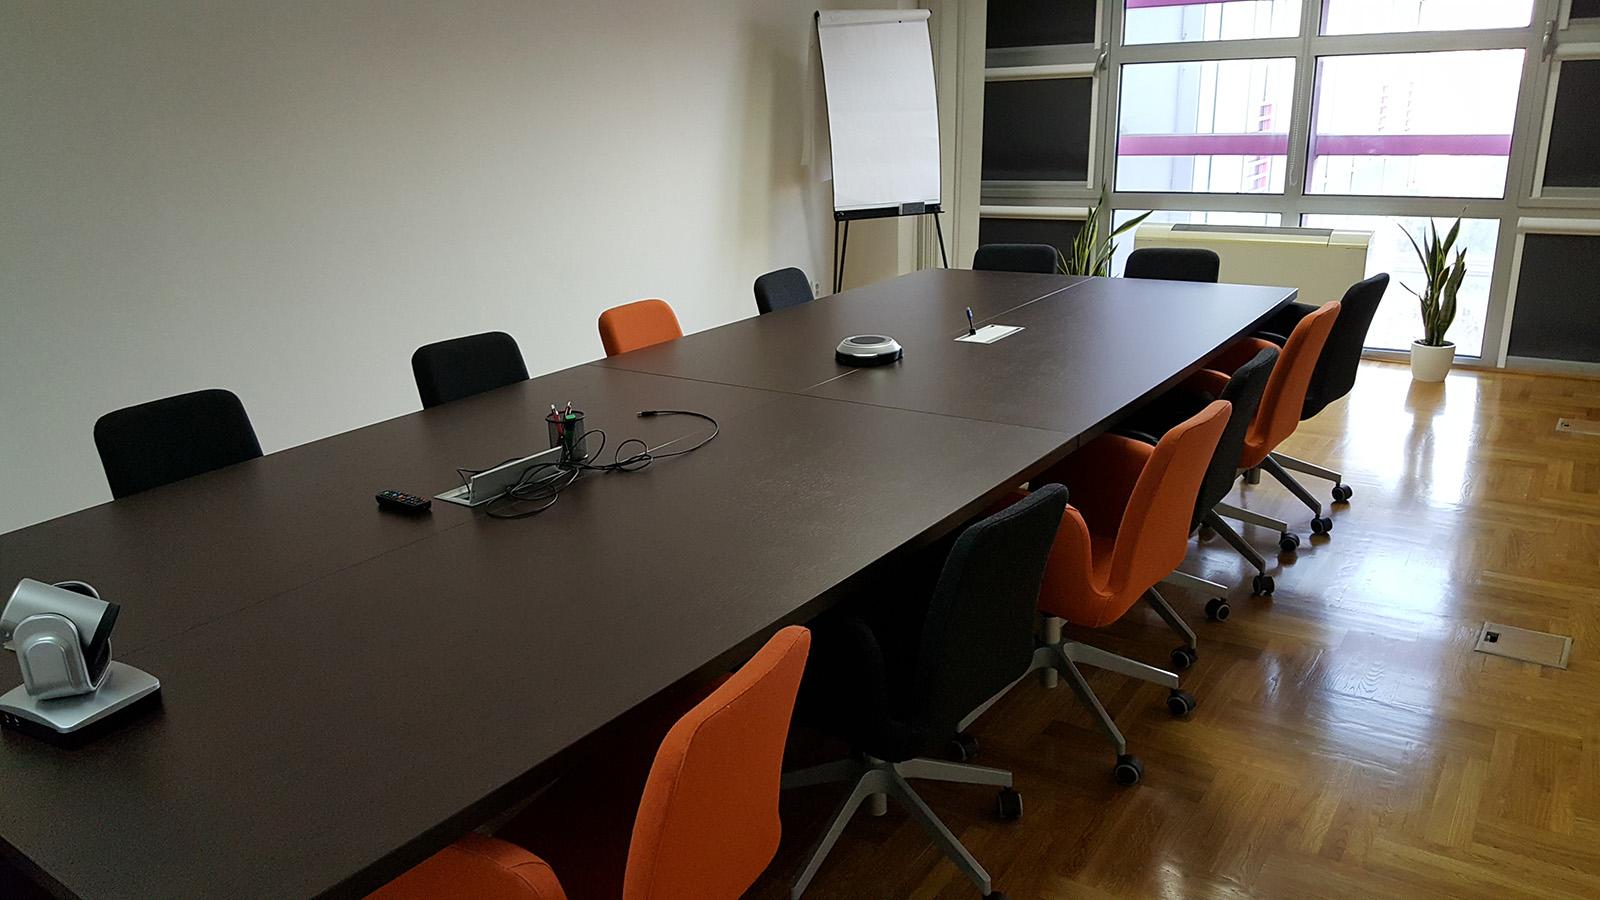 Kljuc_savjetovanje_conference_room